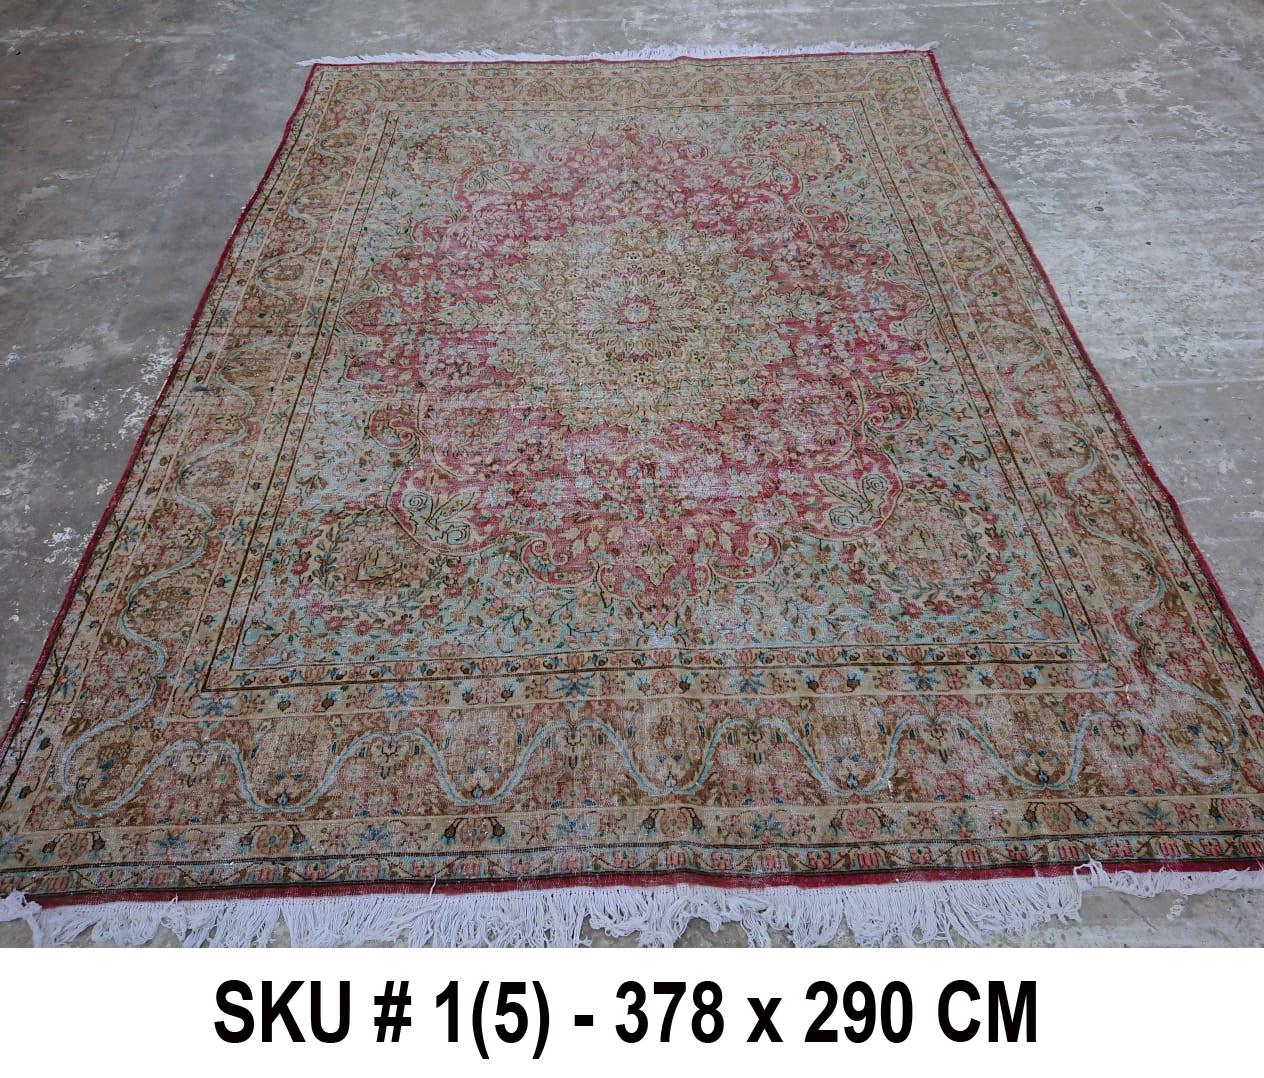 Vintage vloerkleed zandkleur met groen en rood, nr.59003, 378cm x 290cm